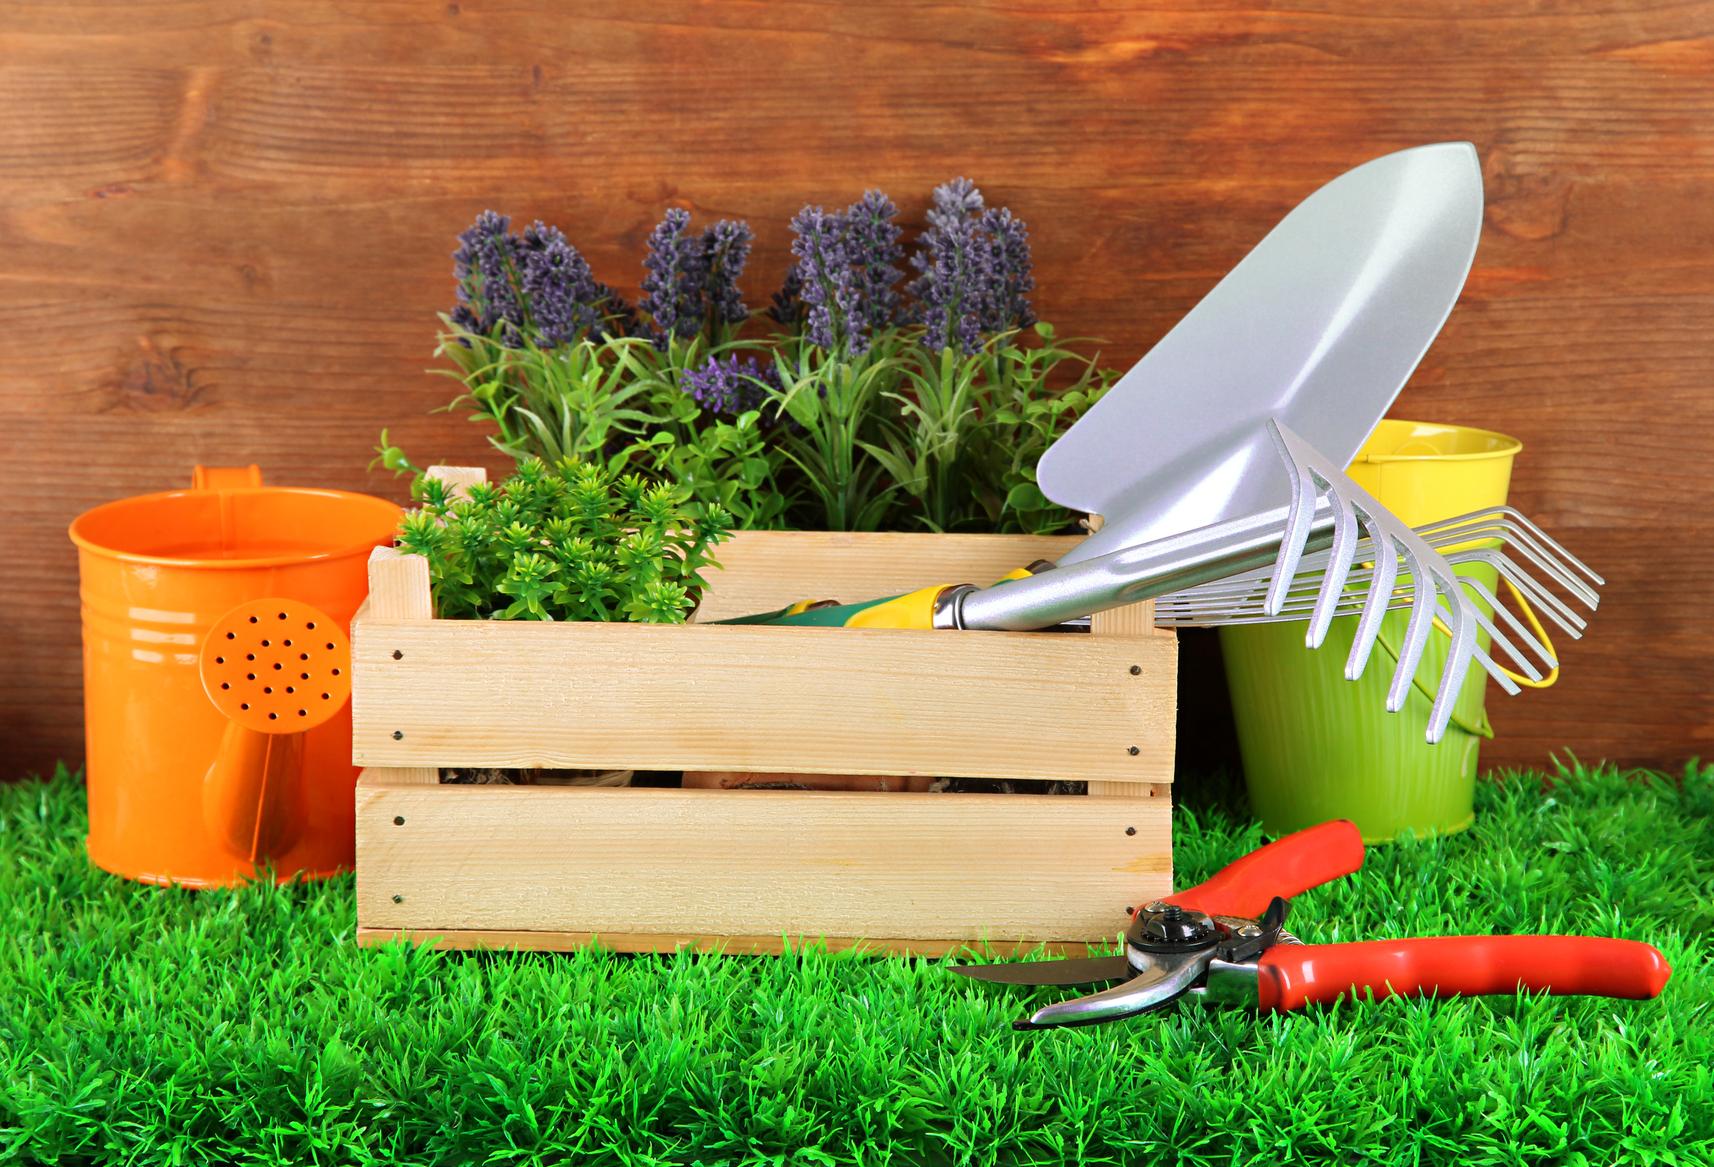 Comprar tijera poda tijera poda venta tijera poda for Casas para herramientas de jardin